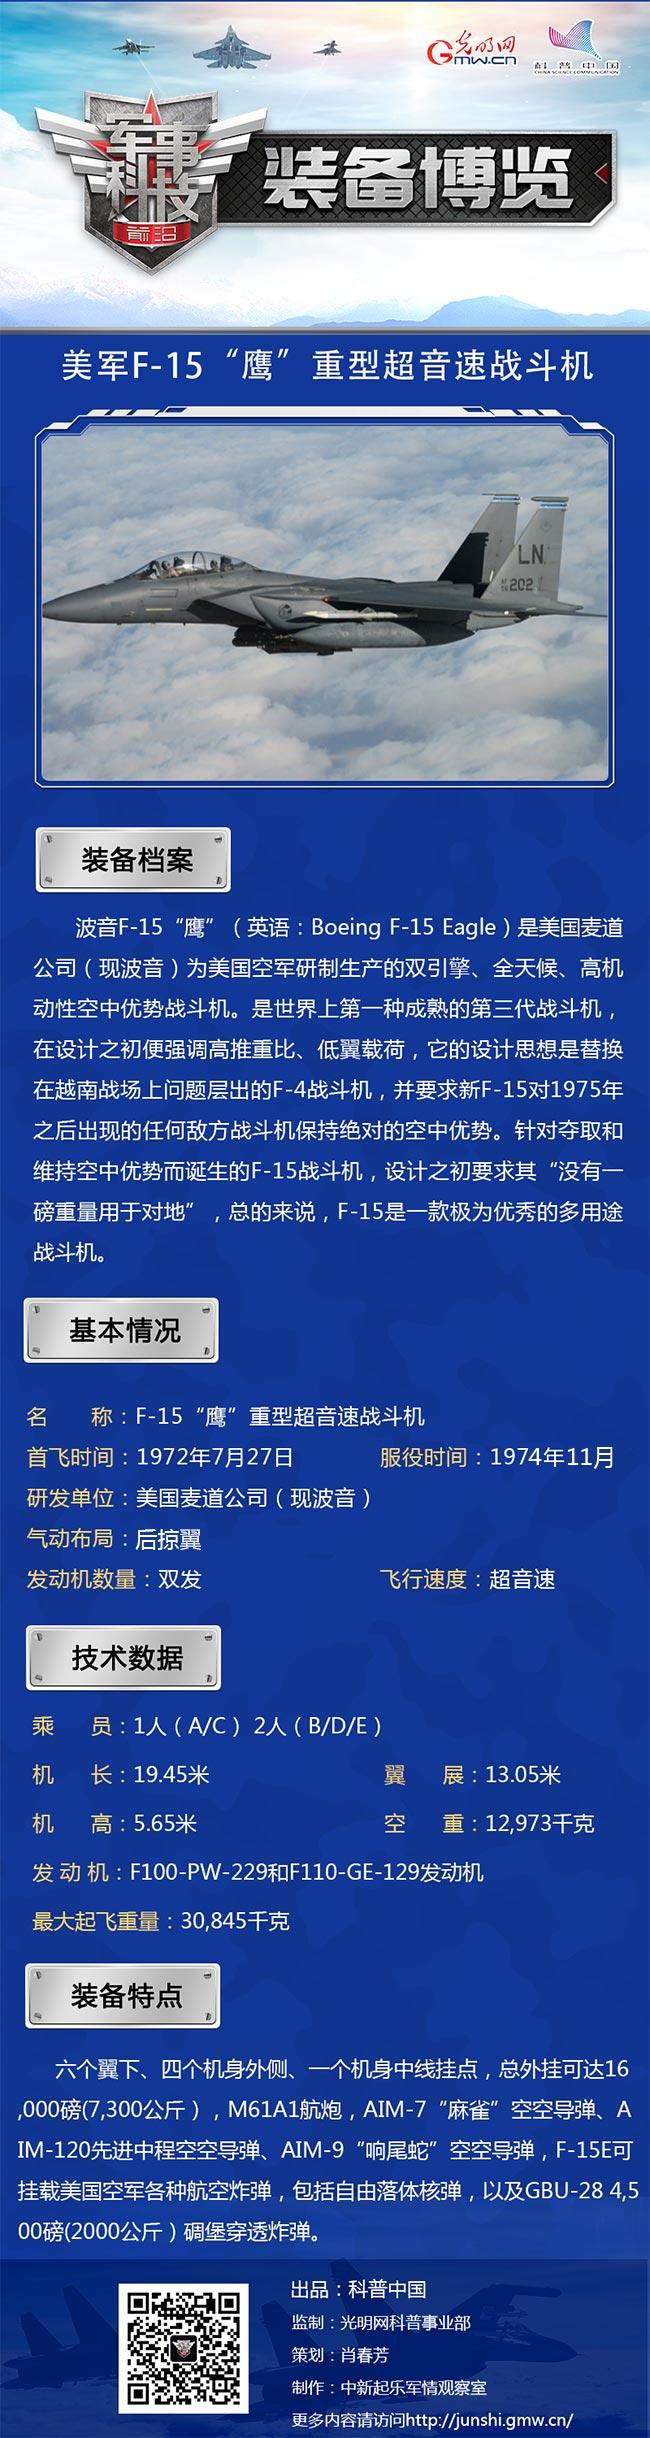 新京葡娱乐场网址 5